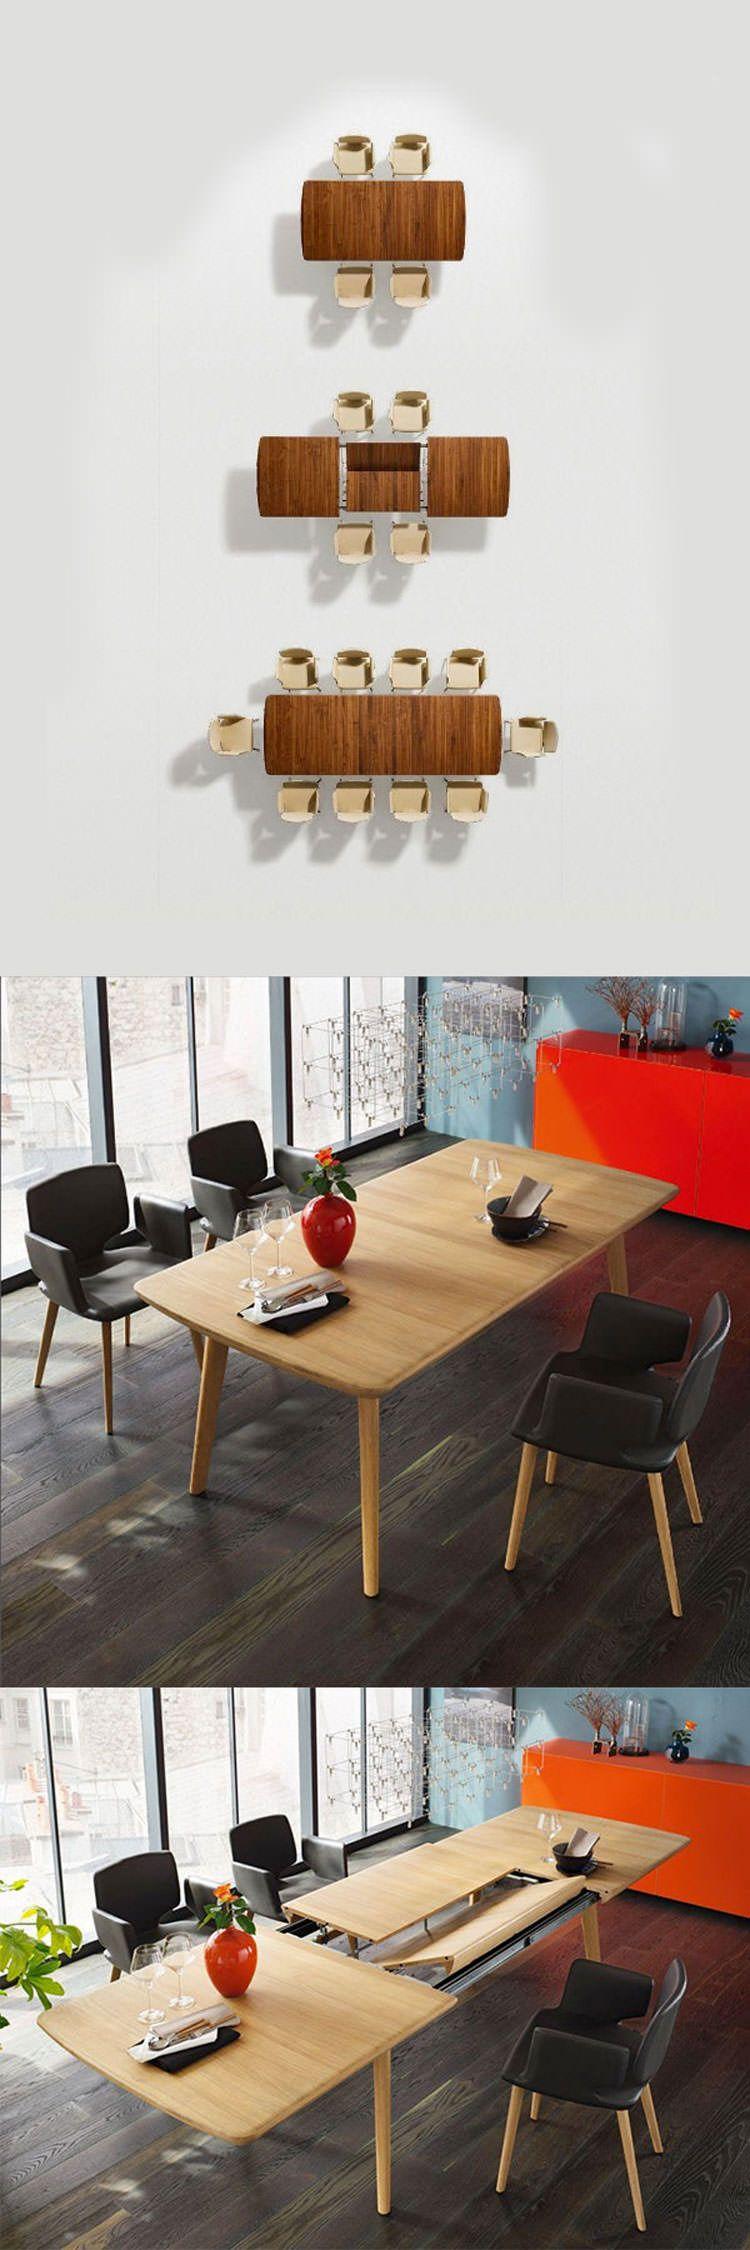 30 tavoli allungabili moderni dal design particolare for Mobili sala angolari